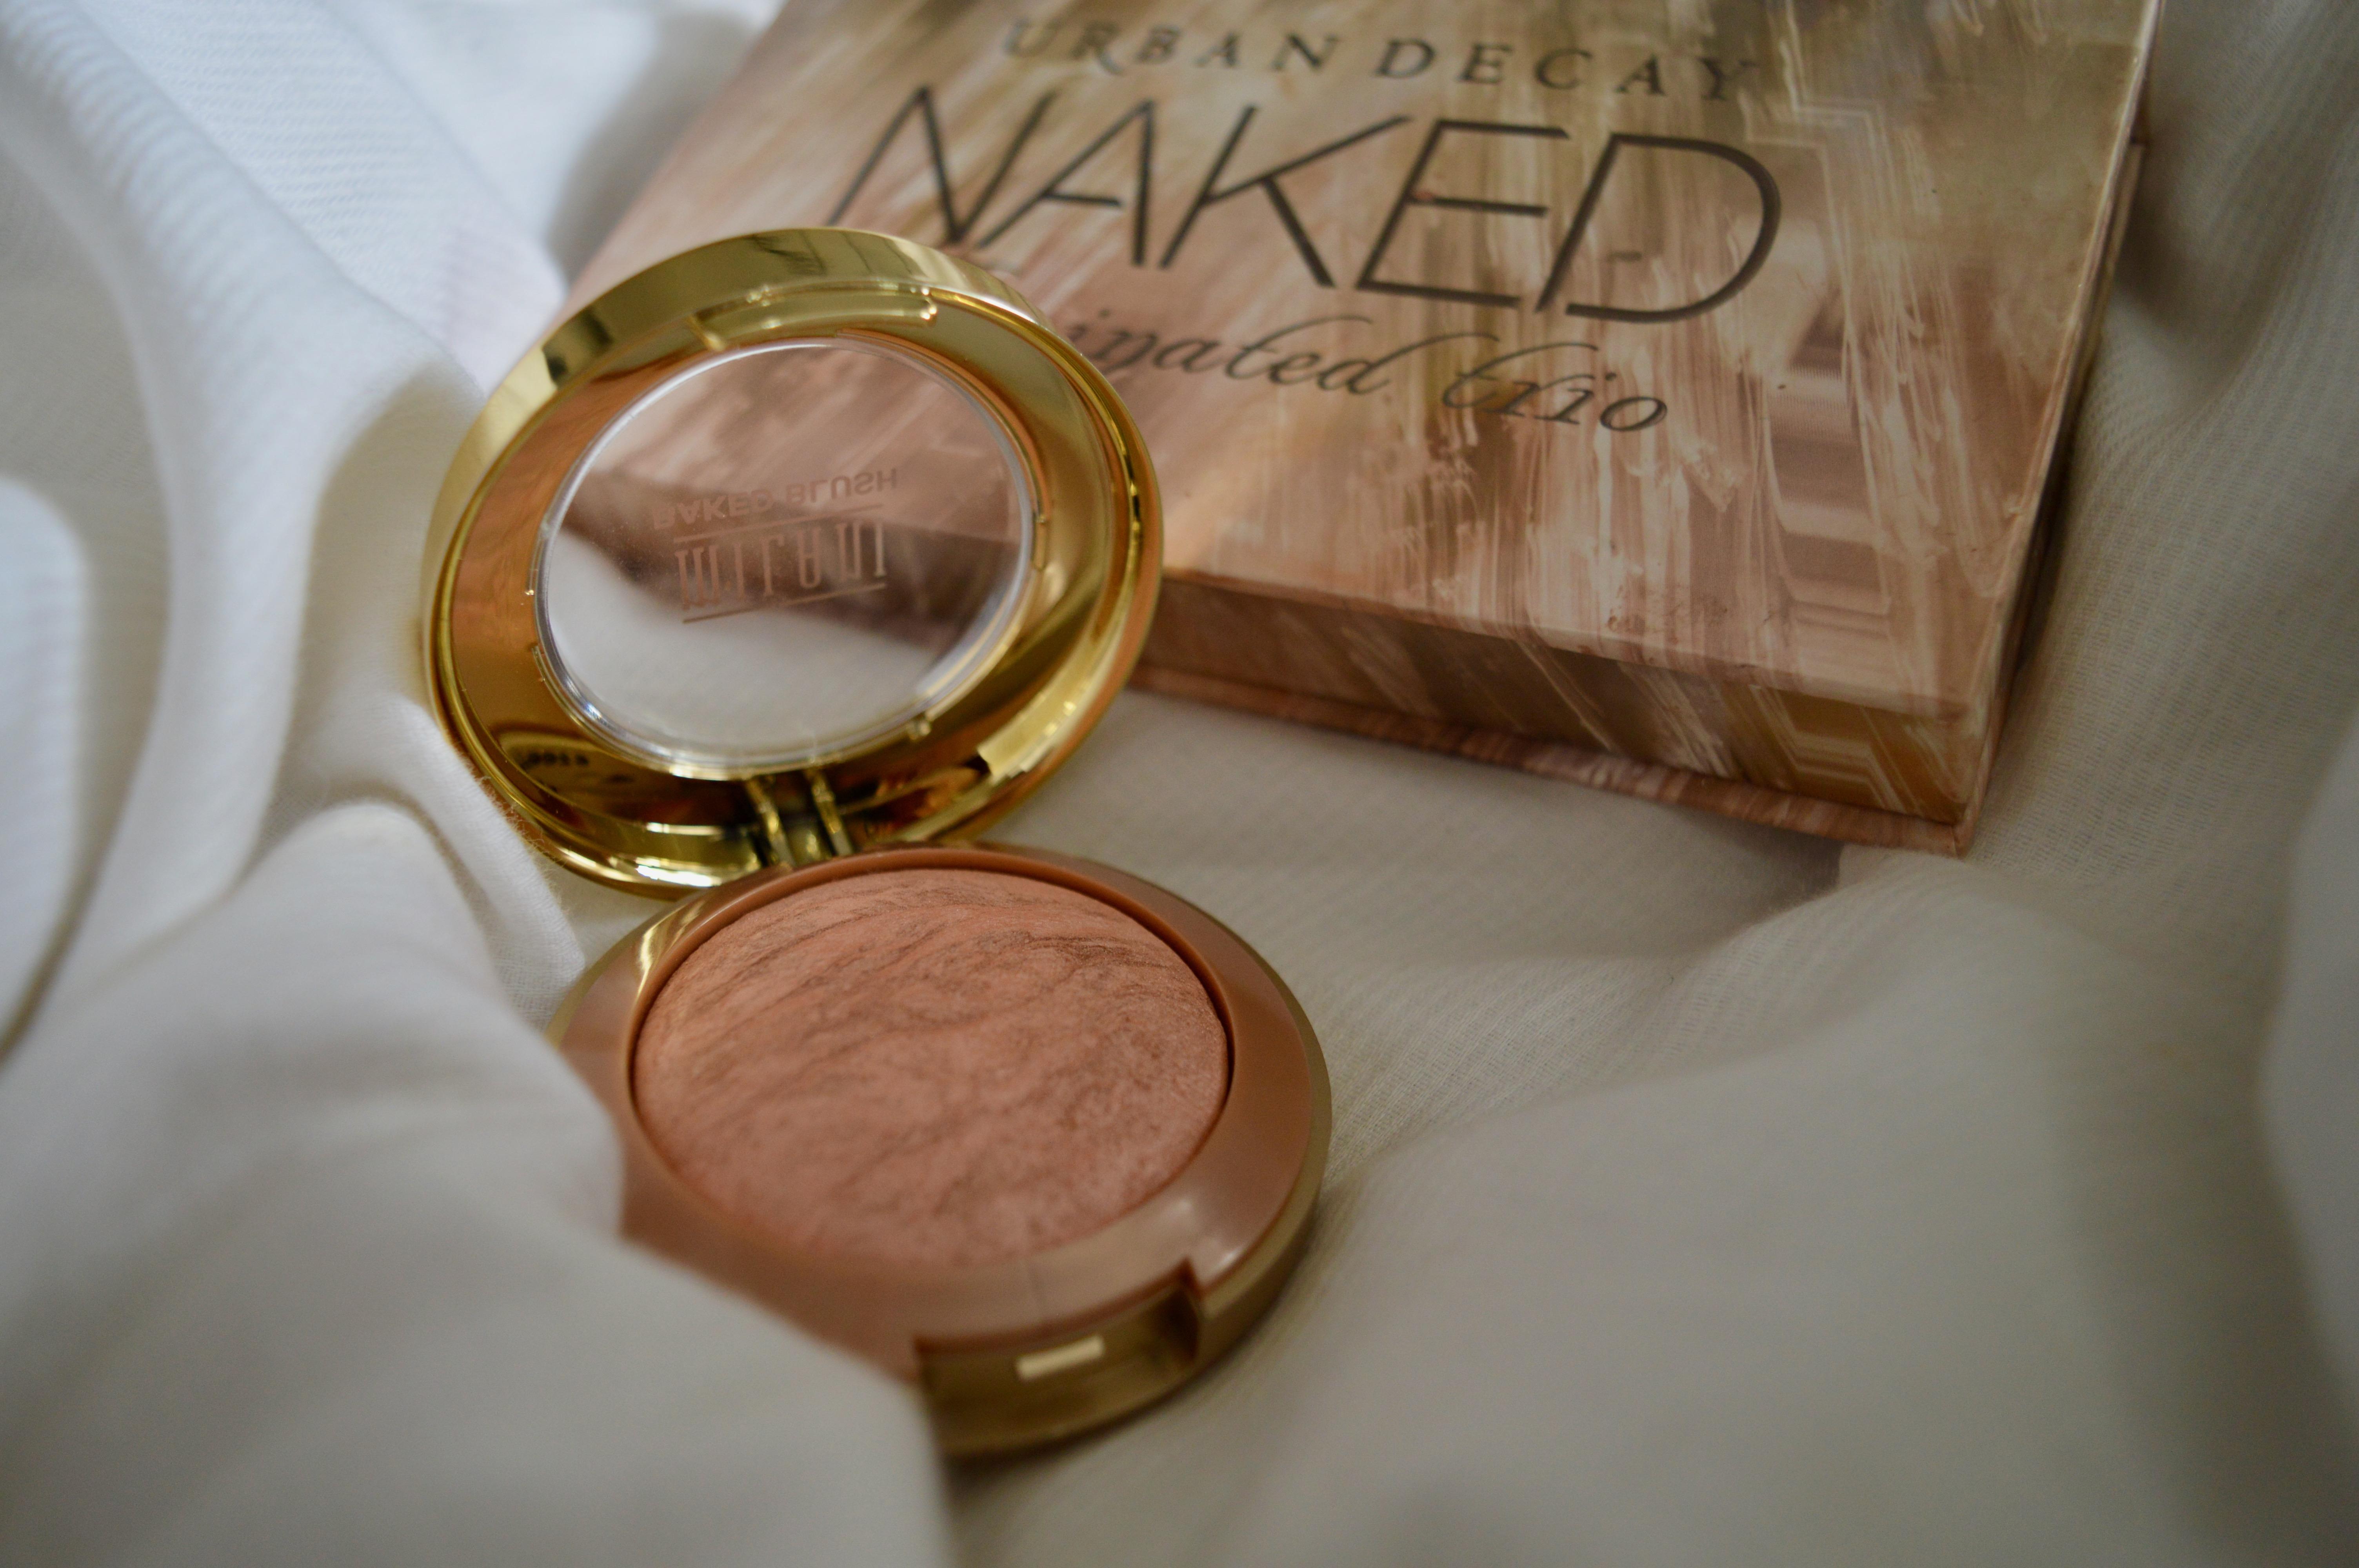 Milani beauty-bay-dupe-milani-naked-illuminated-trio-foundation-elle-blonde-luxury-lifestyle-blog